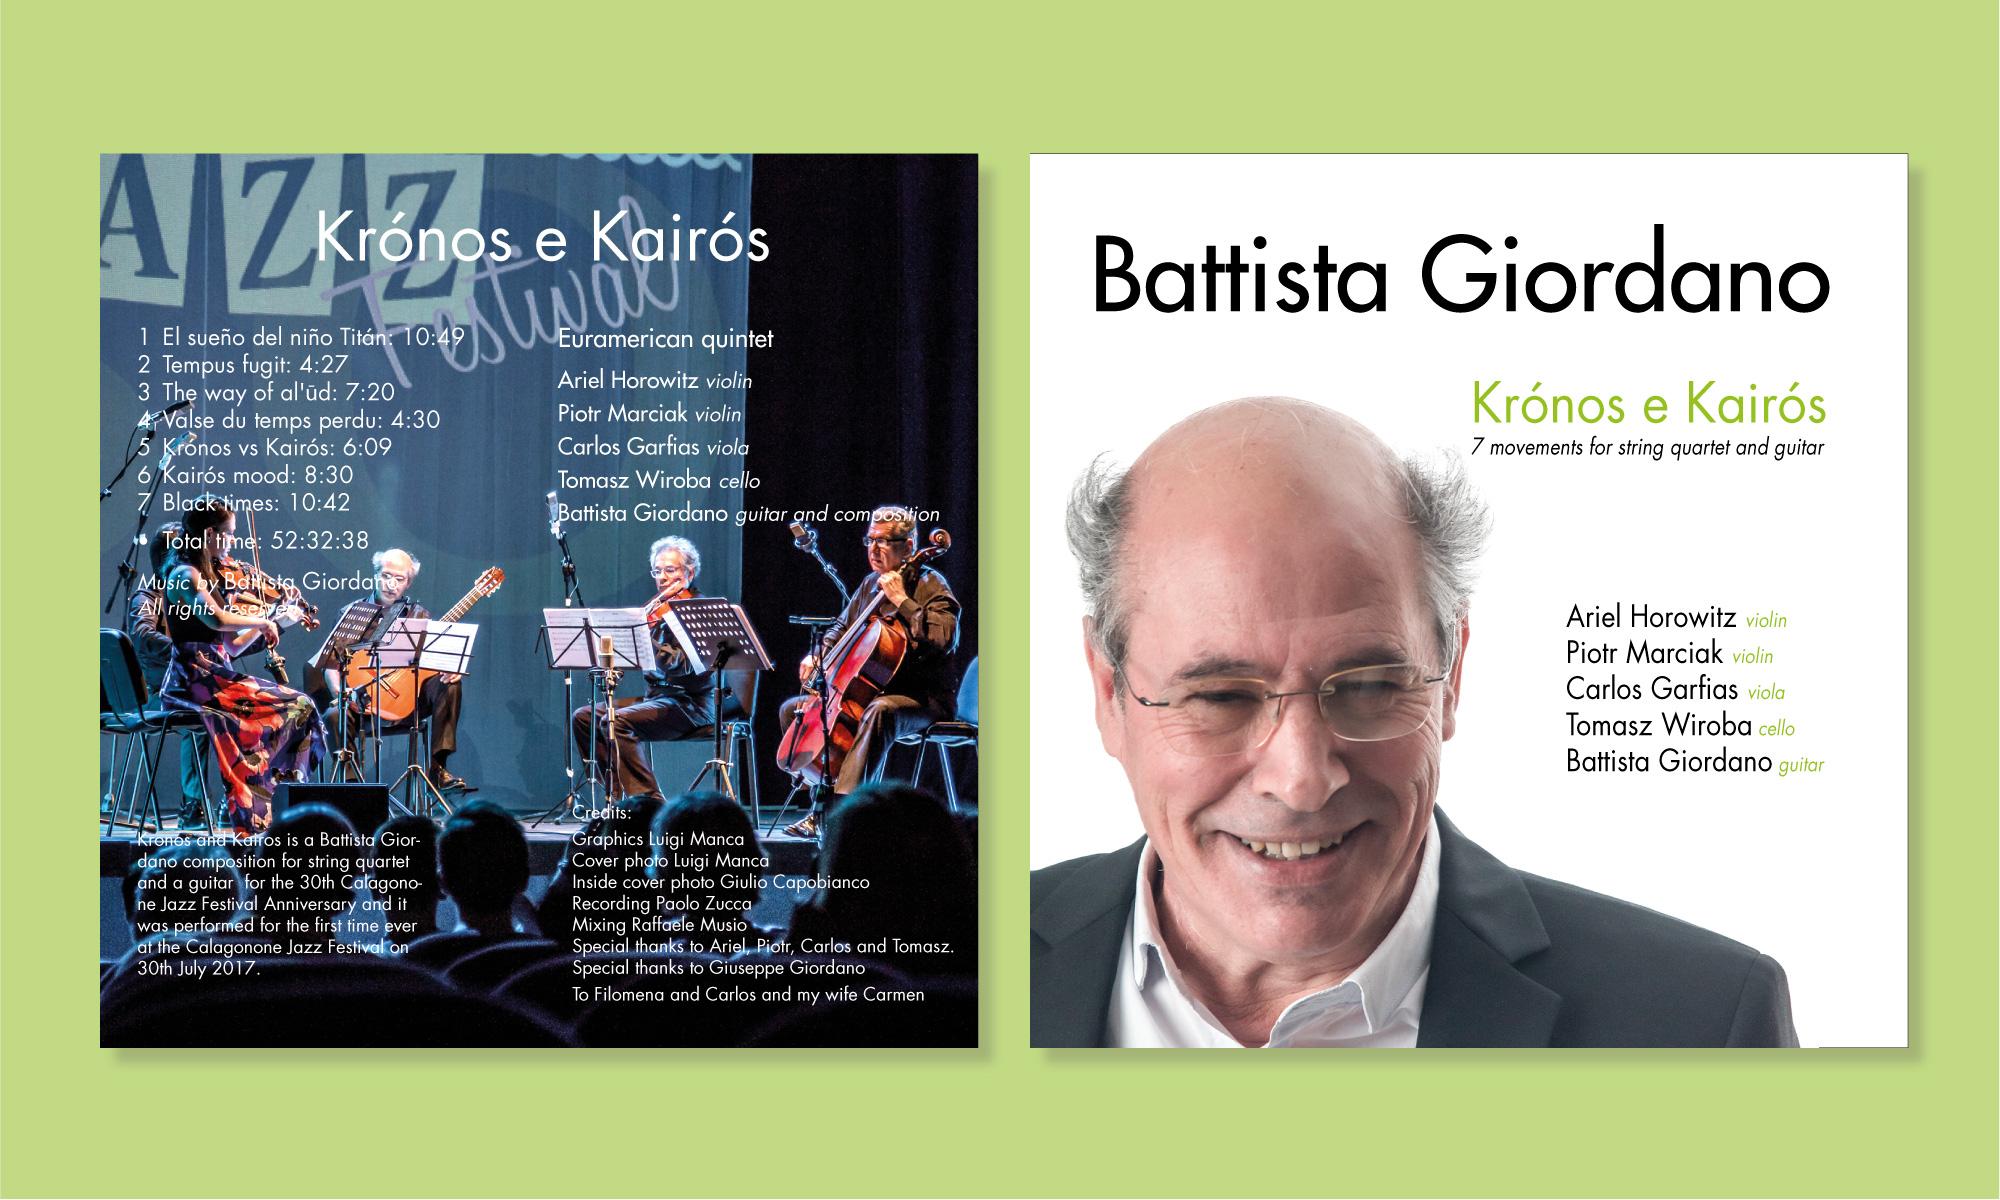 Studio grafico e fotografia per il CD musicale Kronos e Kairos di Battista Giordano